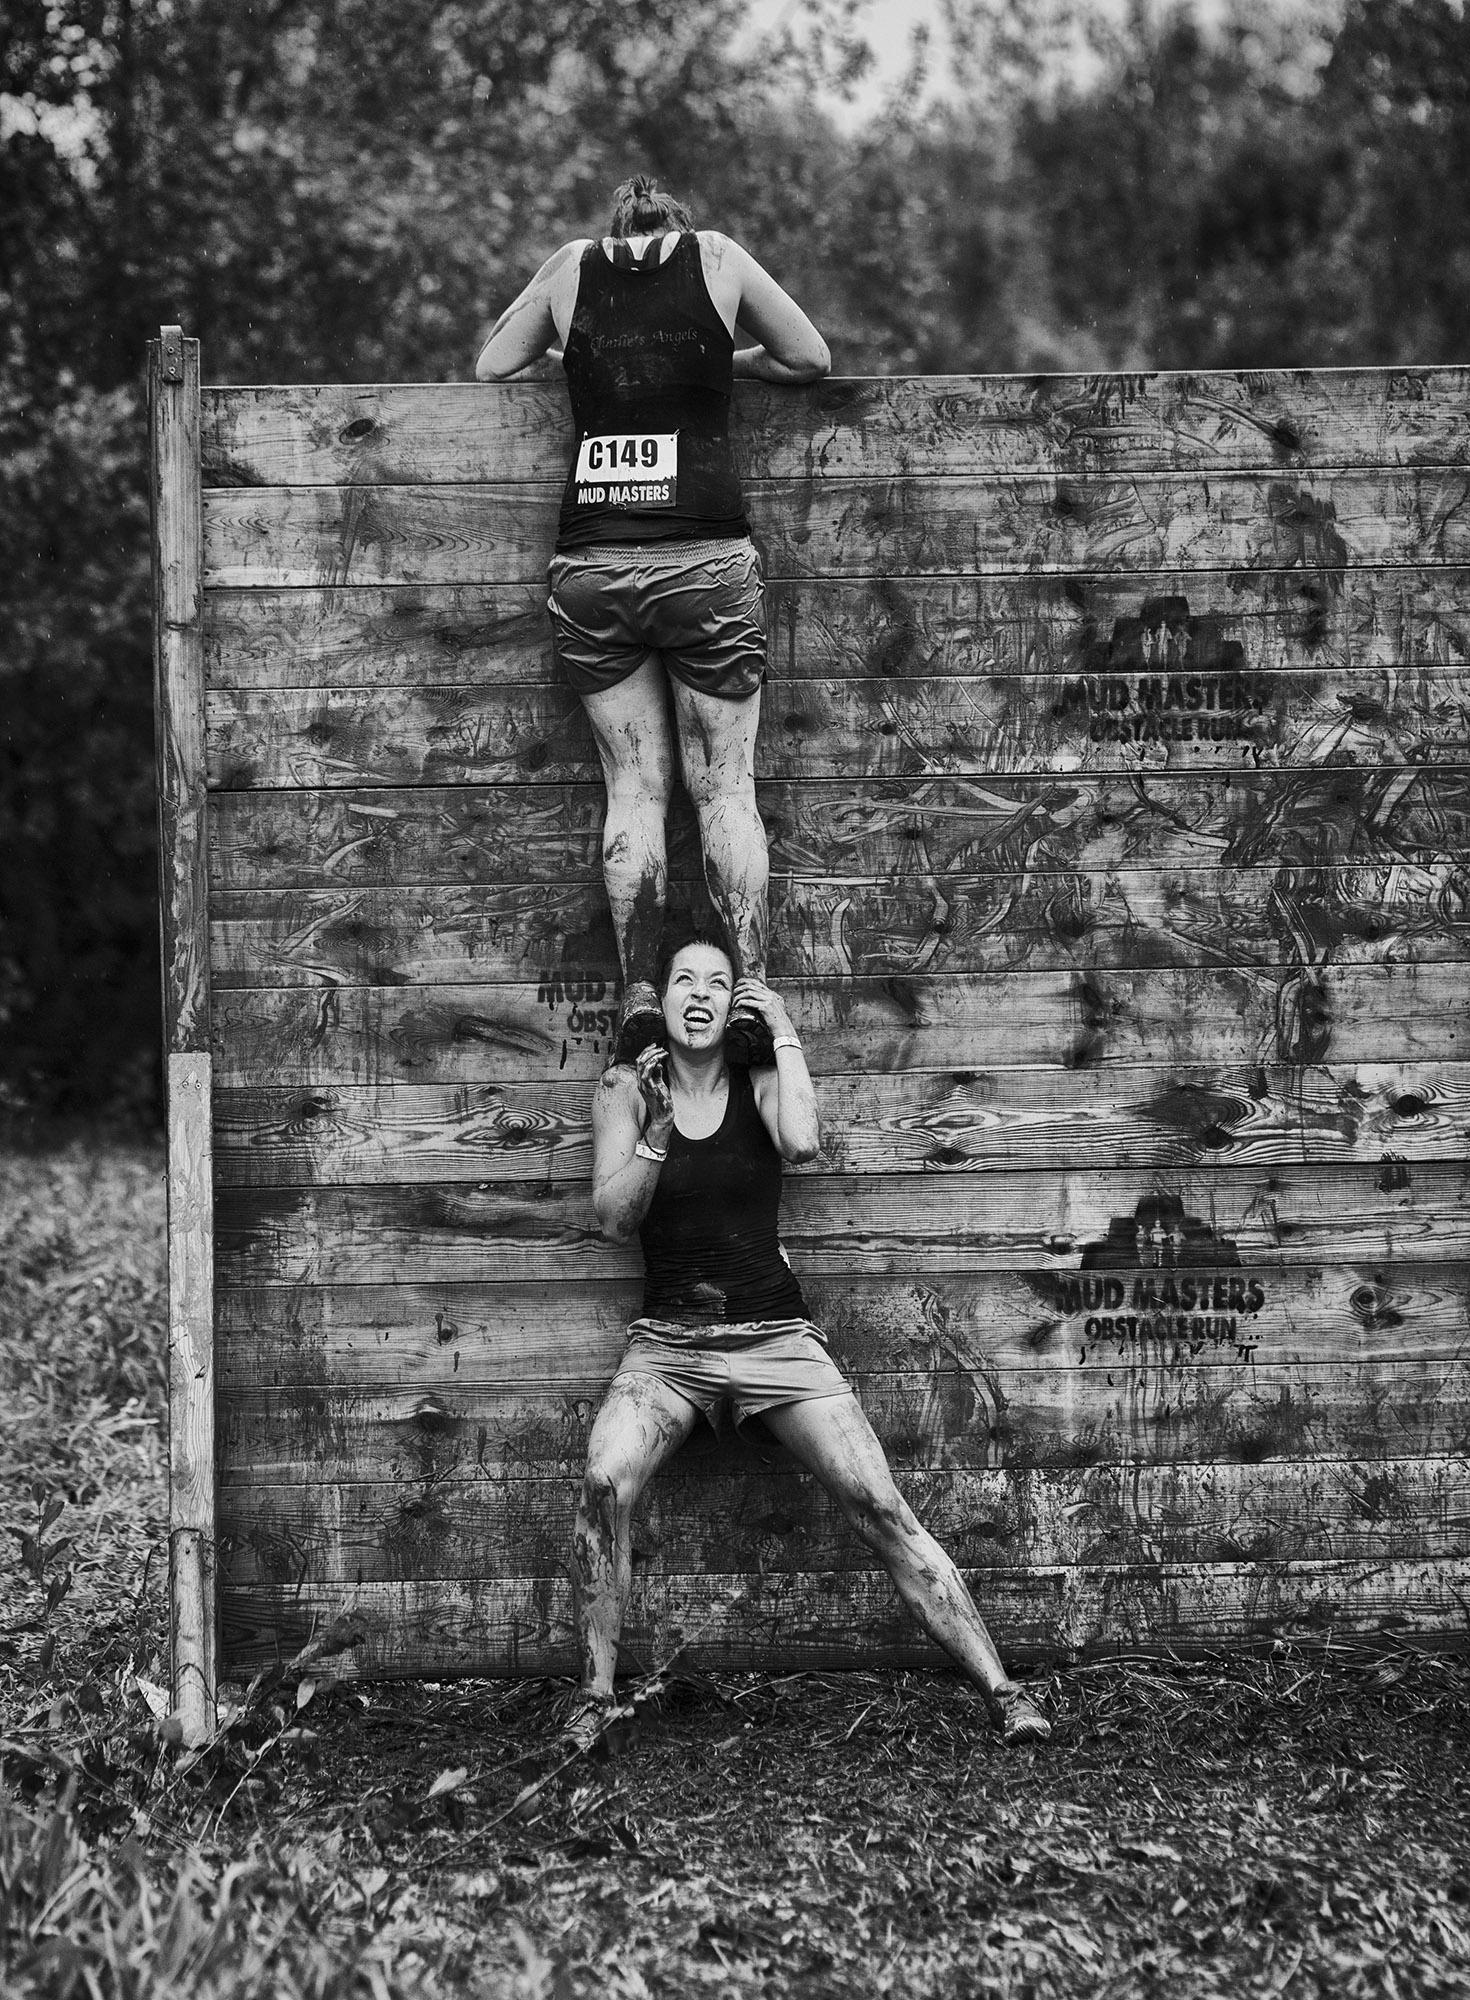 Foto van deelnemer van mudmasters die op schouder van andere deelnemer over houten schutting klimt